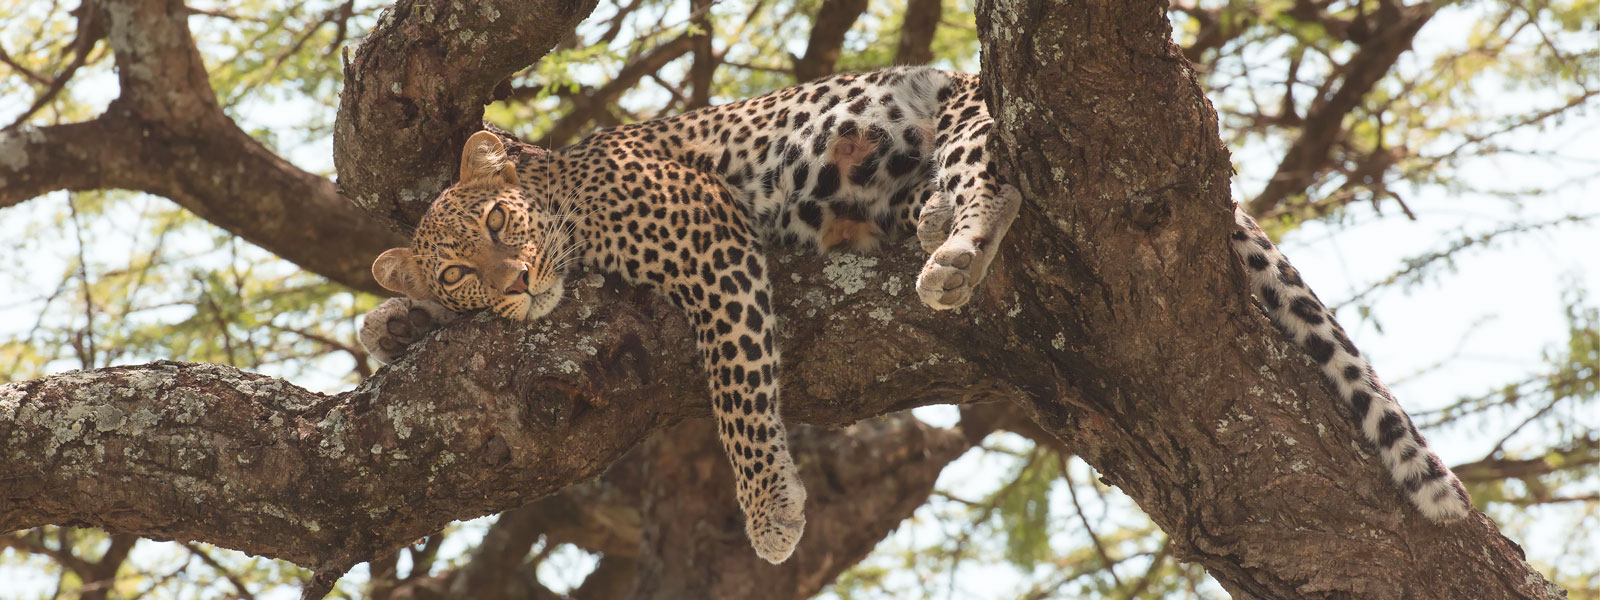 Ndutu-Leopard-1600-x-600_SFW